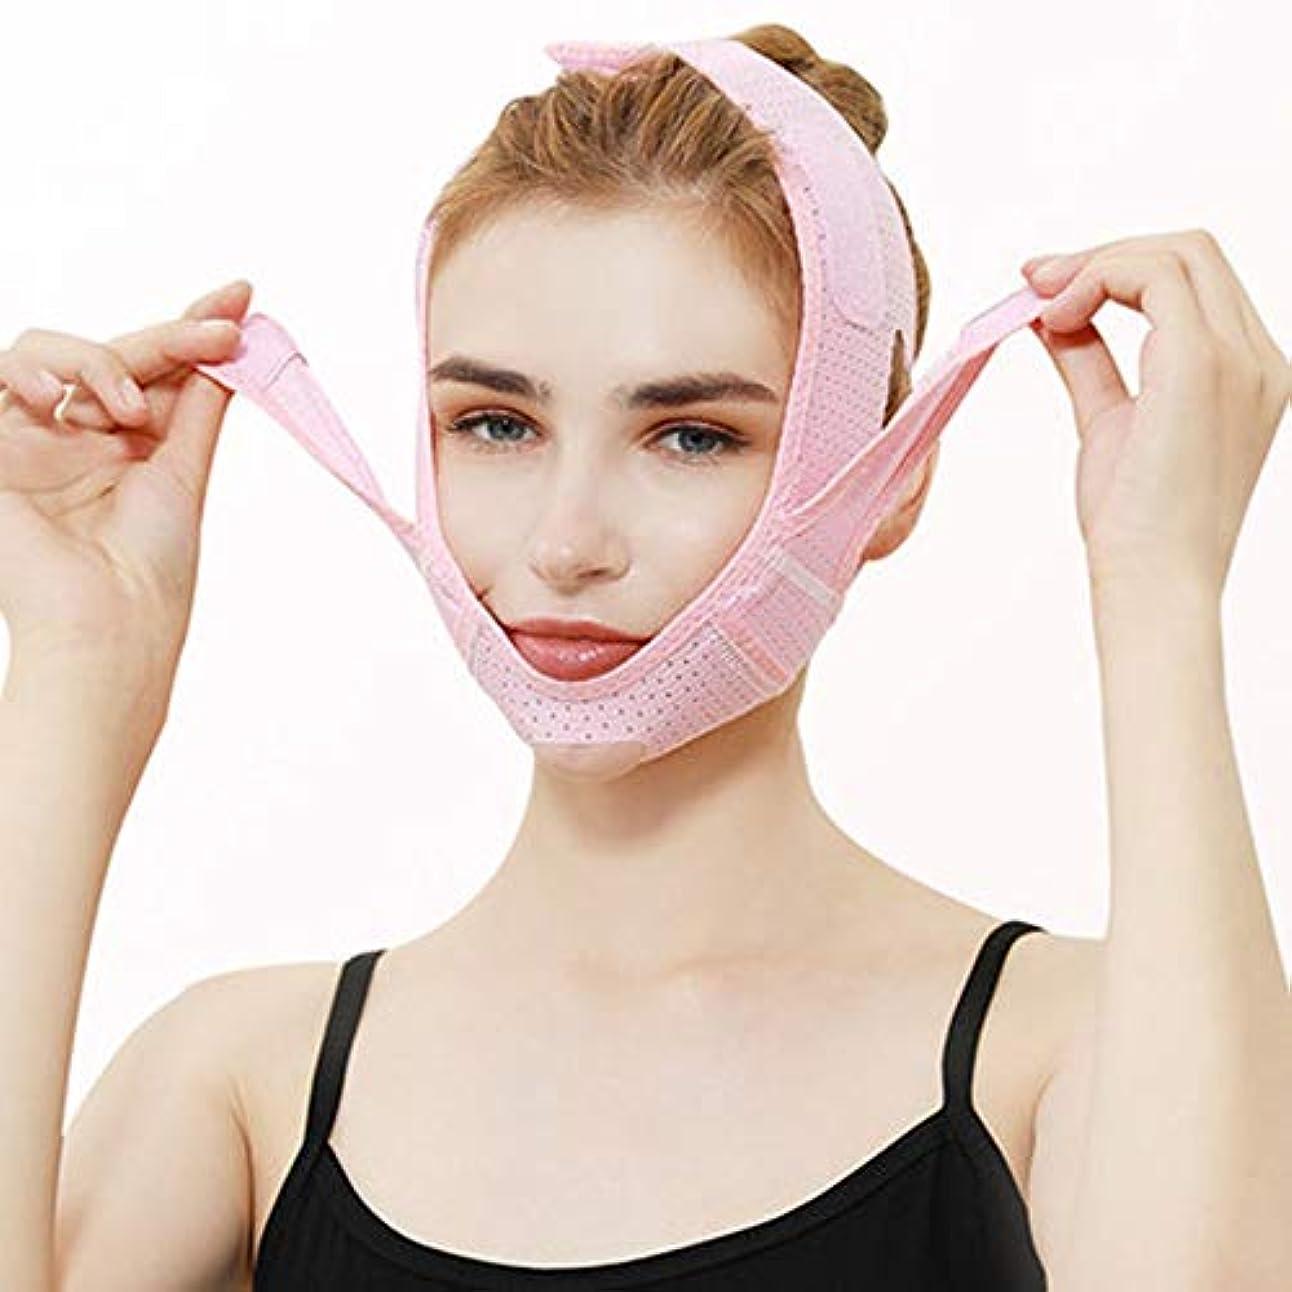 直径悪性タオルNfudishpu薄い顔のステッカーアーティファクト睡眠包帯プルV顔引き締め垂れ下がった法則パターン二重あごバイト筋肉マスク形状調整可能